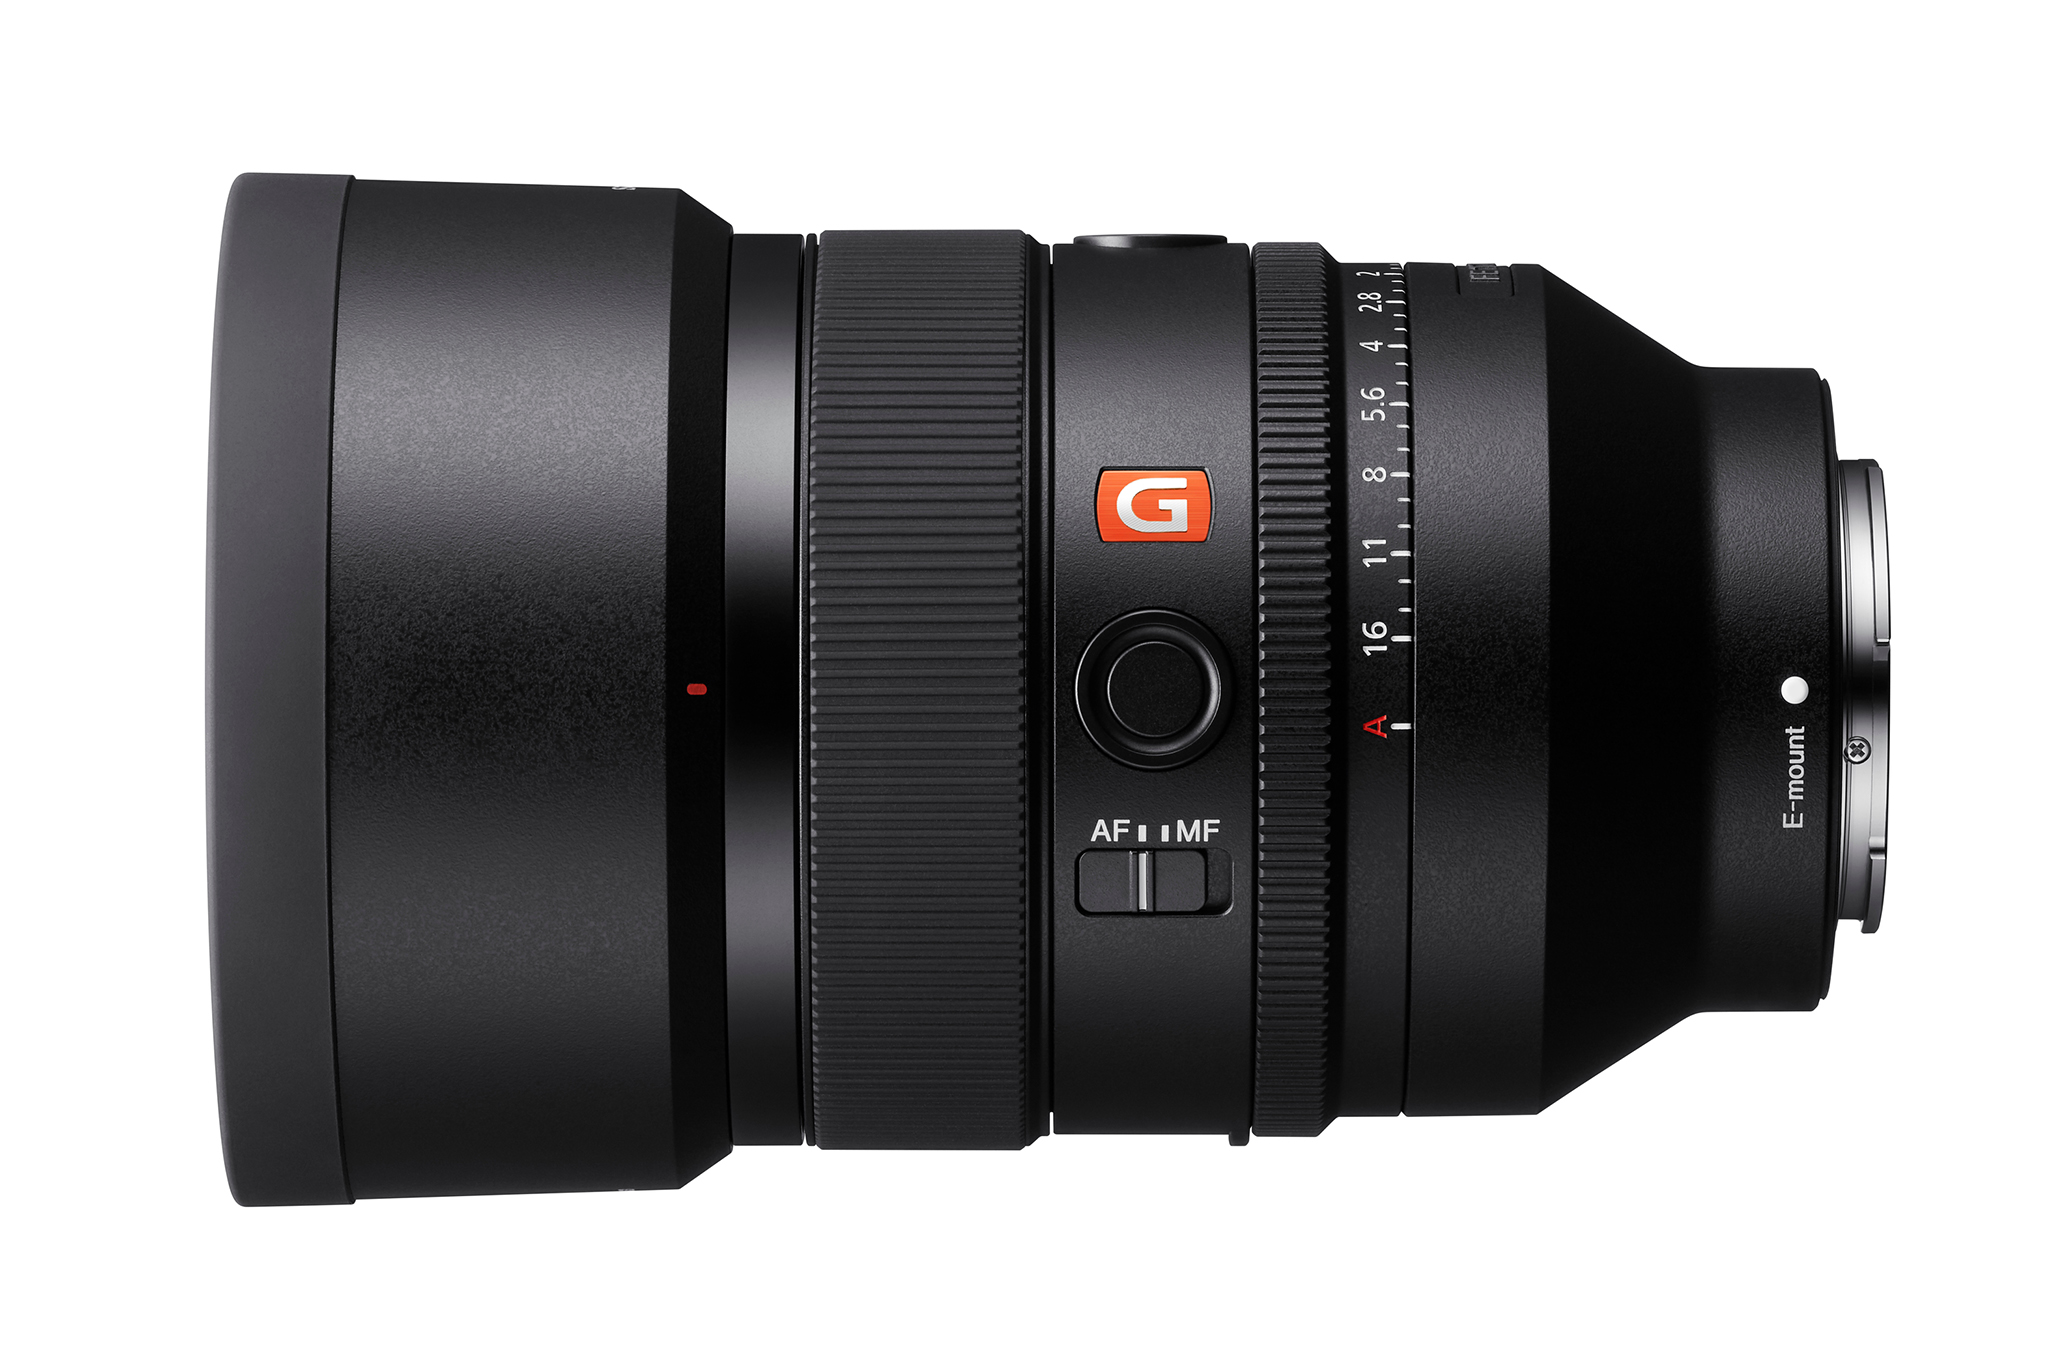 Sony ra mắt ống kính FE 50mm F1.2 G Master và 3 ống kính dòng G nhỏ gọn nhẹ mới, giá 49.99/14.99 triệu đồng - Ảnh 5.